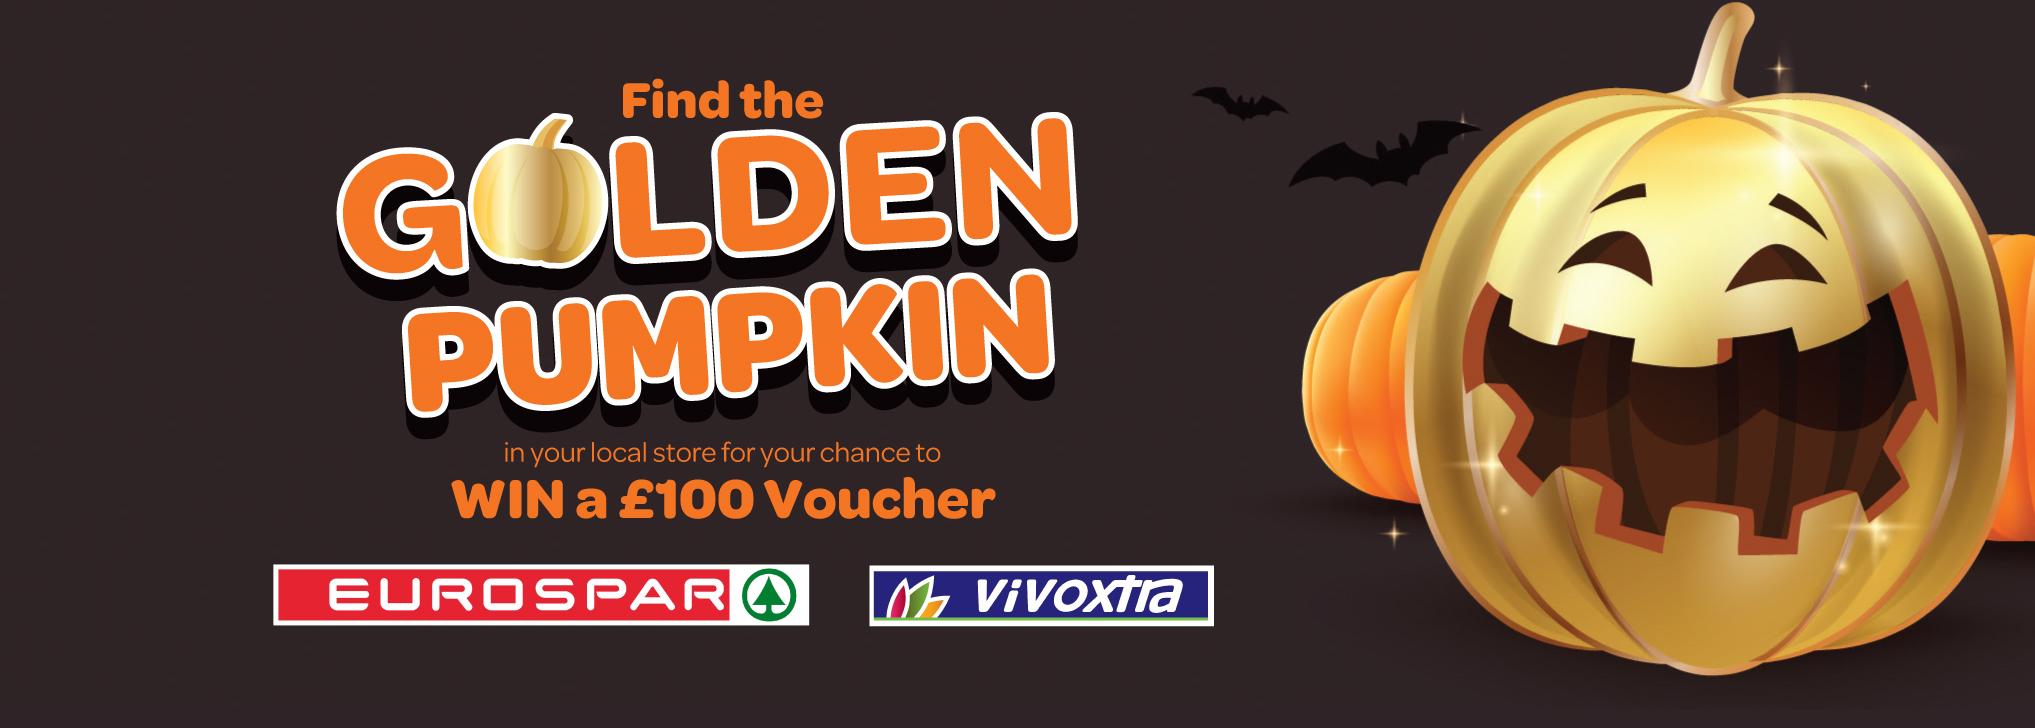 Hendersons' Happy Halloween with In-store Pumpkin Hunt